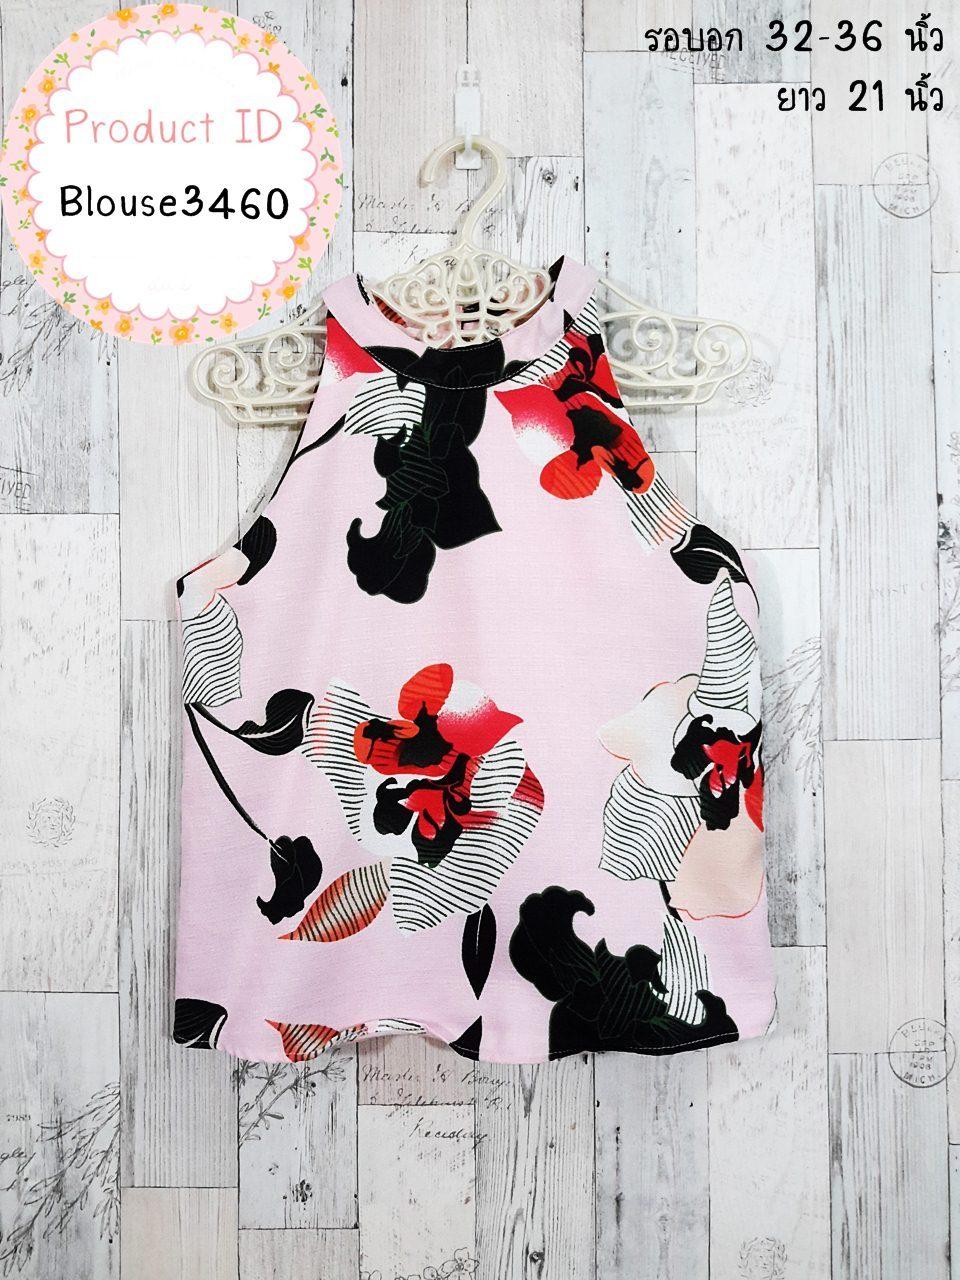 LOT SALE!! Blouse3460 เสื้อแฟชั่นทรงสวย คอกลม ไหล่ล้ำ ผ้ามิลิน(ผ้าทอหนาเนื้อดี) ลายดอกไม้โทนสีชมพู